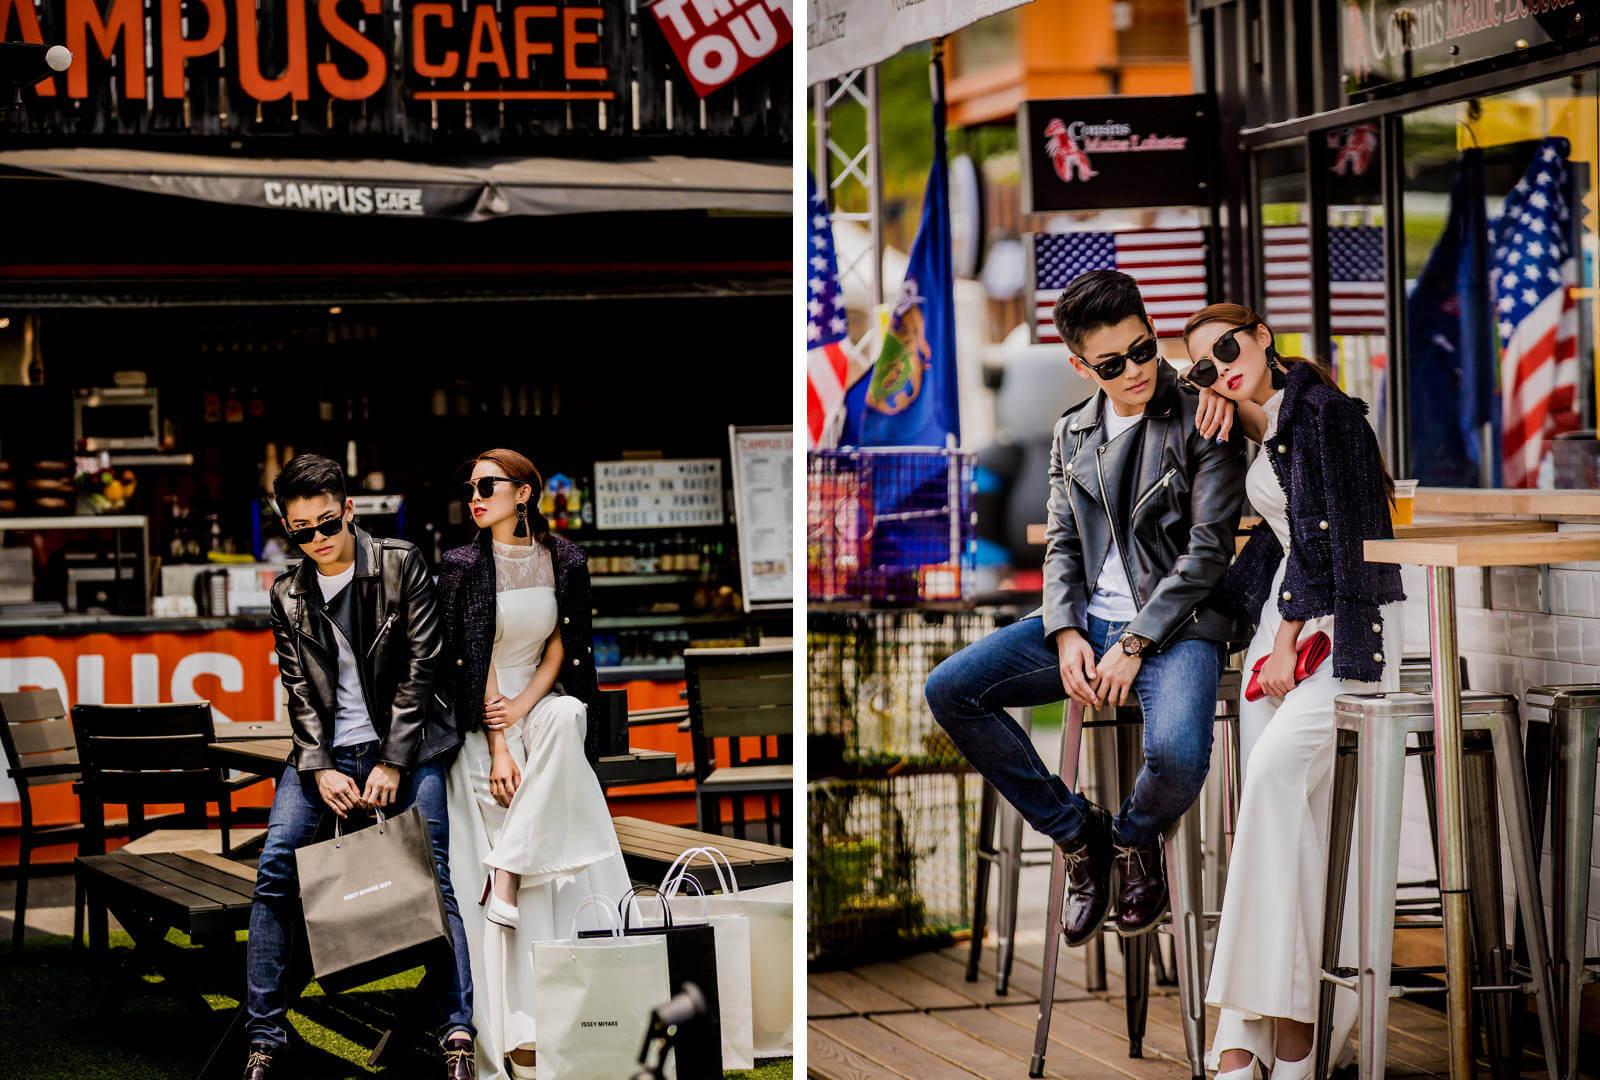 城市婚紗旅拍怎麼拍?帝芬妮婚紗一次刷新眼球視覺的盛宴